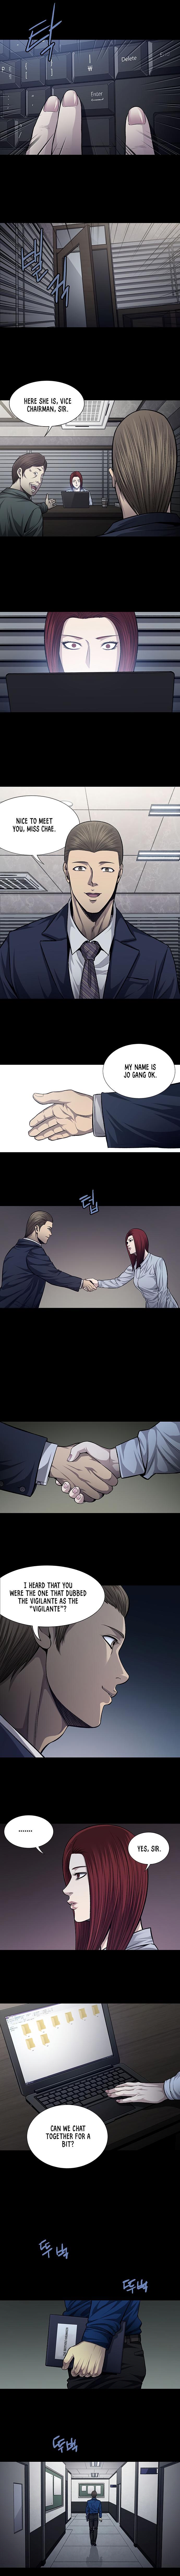 Vigilante Chapter 39 page 4 - Mangakakalots.com